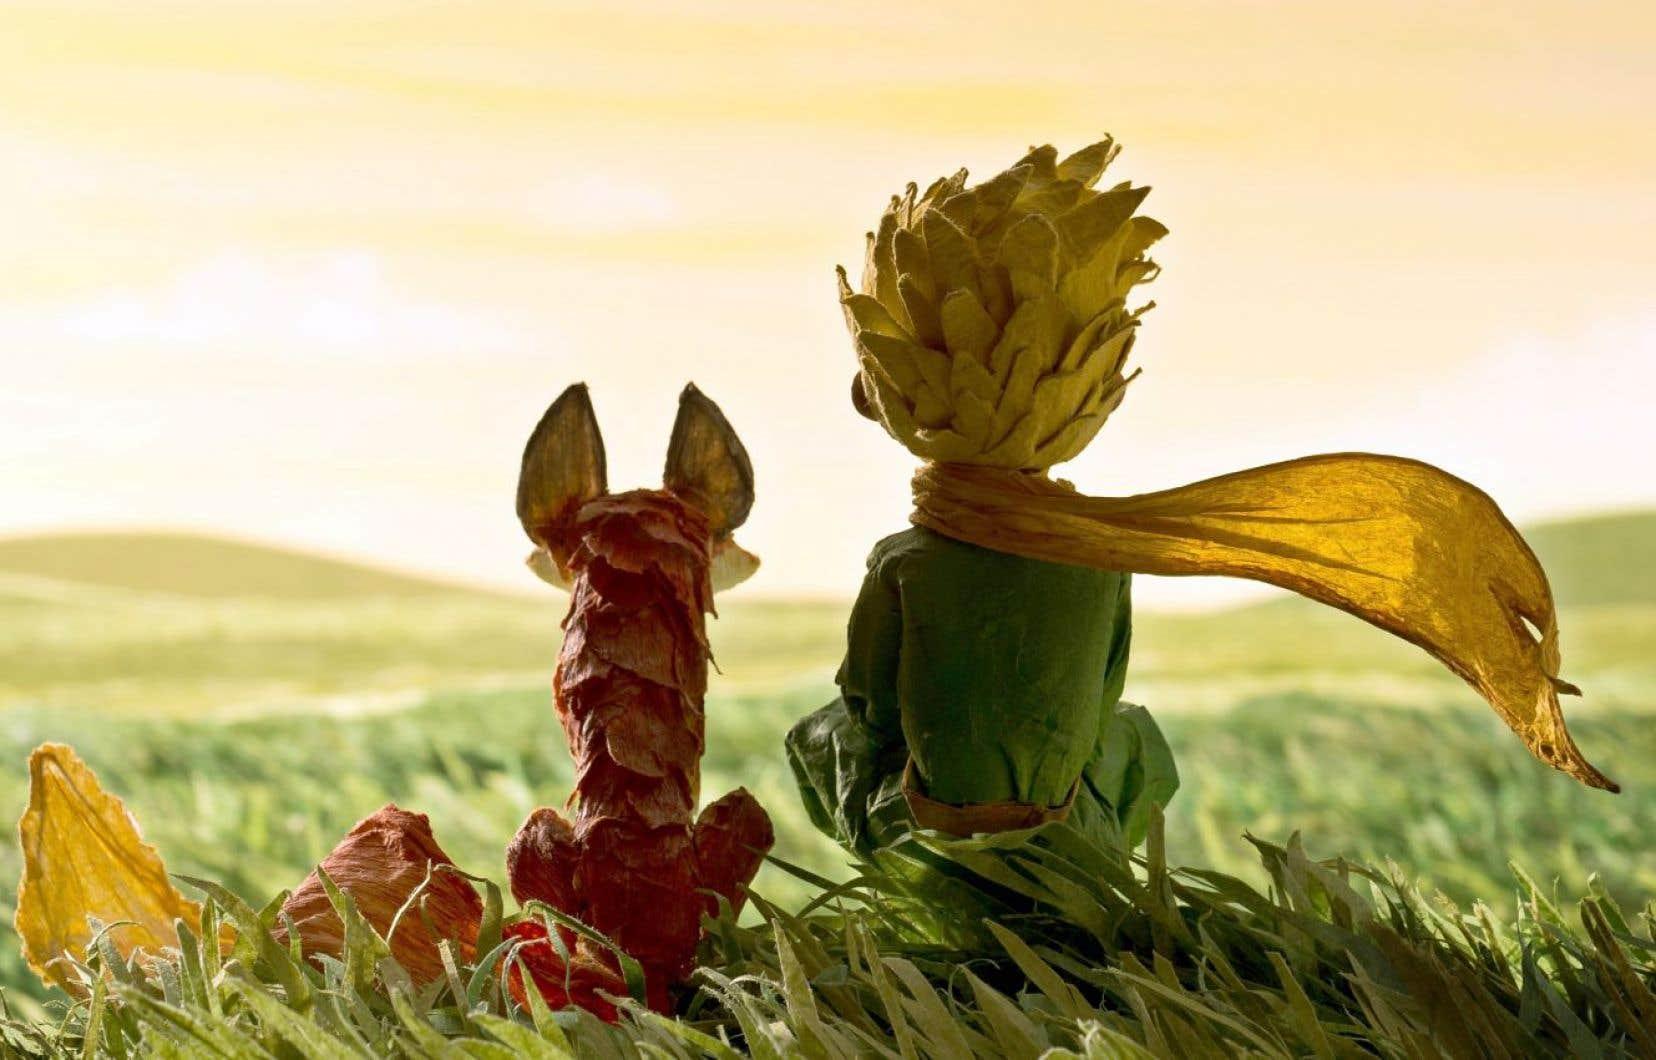 Le Petit Prince»: le numérique, «invisible pour les yeux»? | Le Devoir